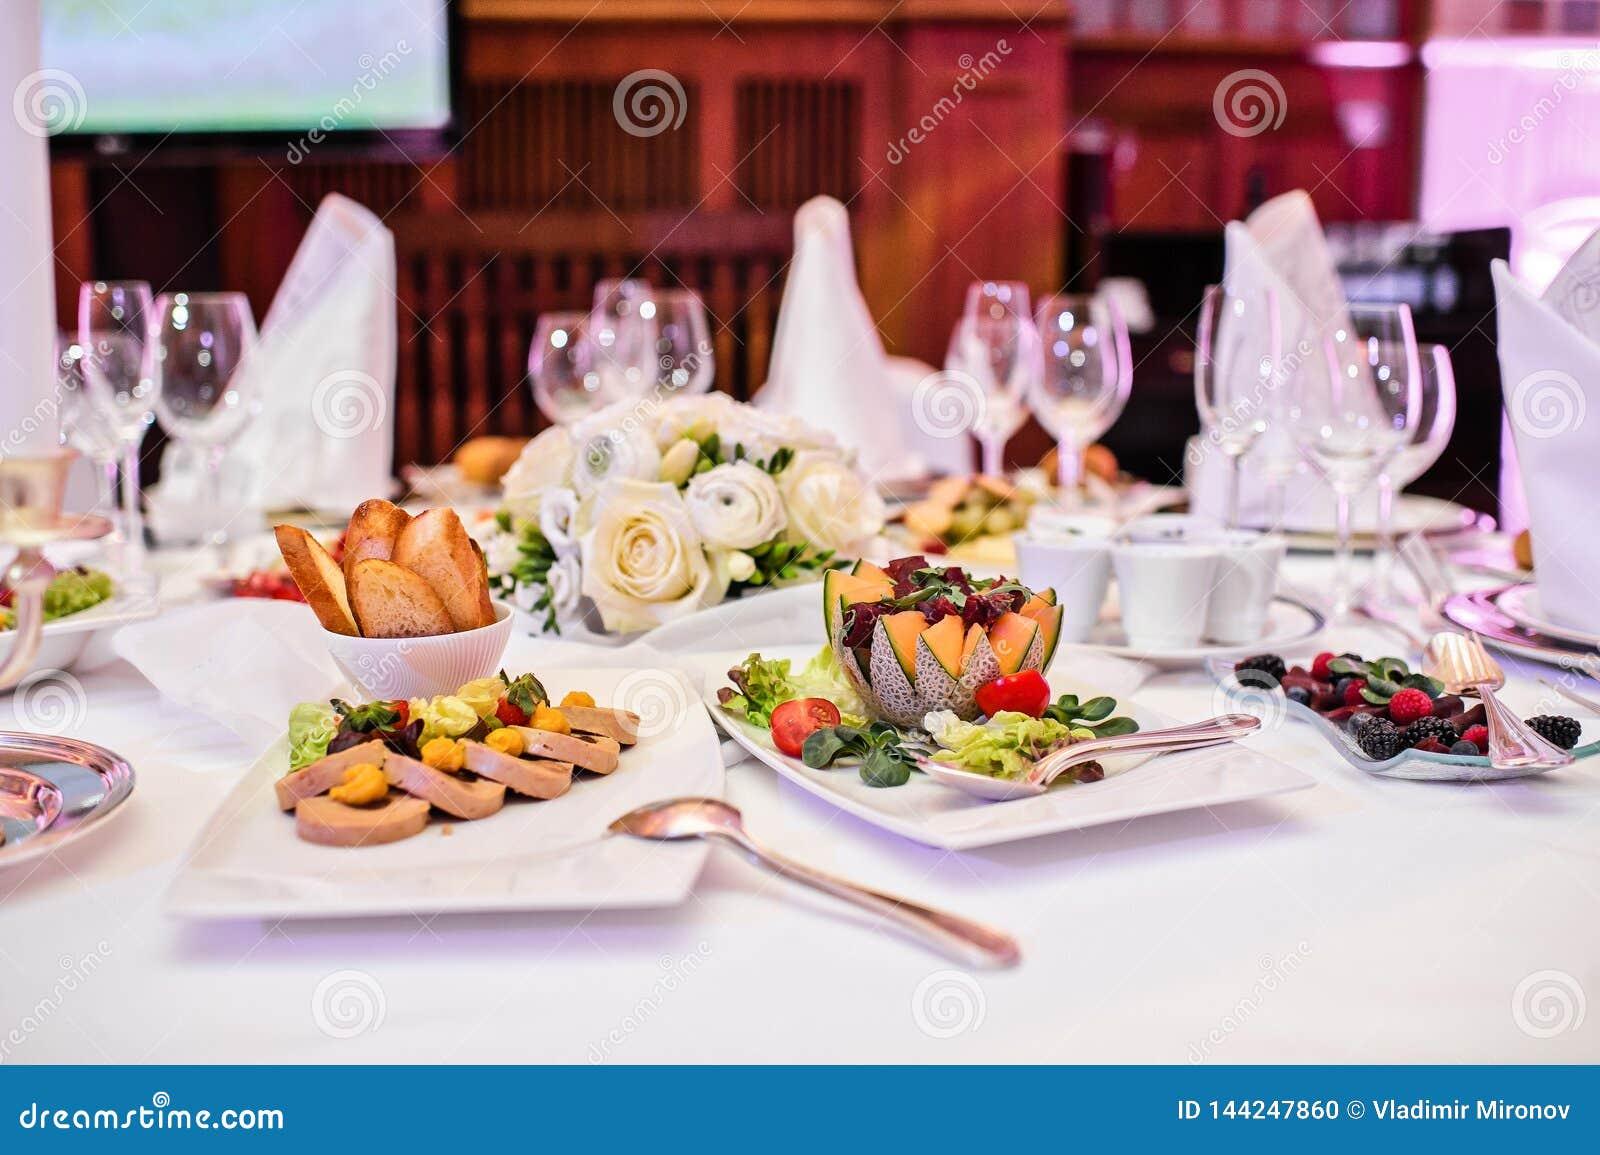 Pate фуа-гра с шутихами и ягодами Банкет в роскошном ресторане